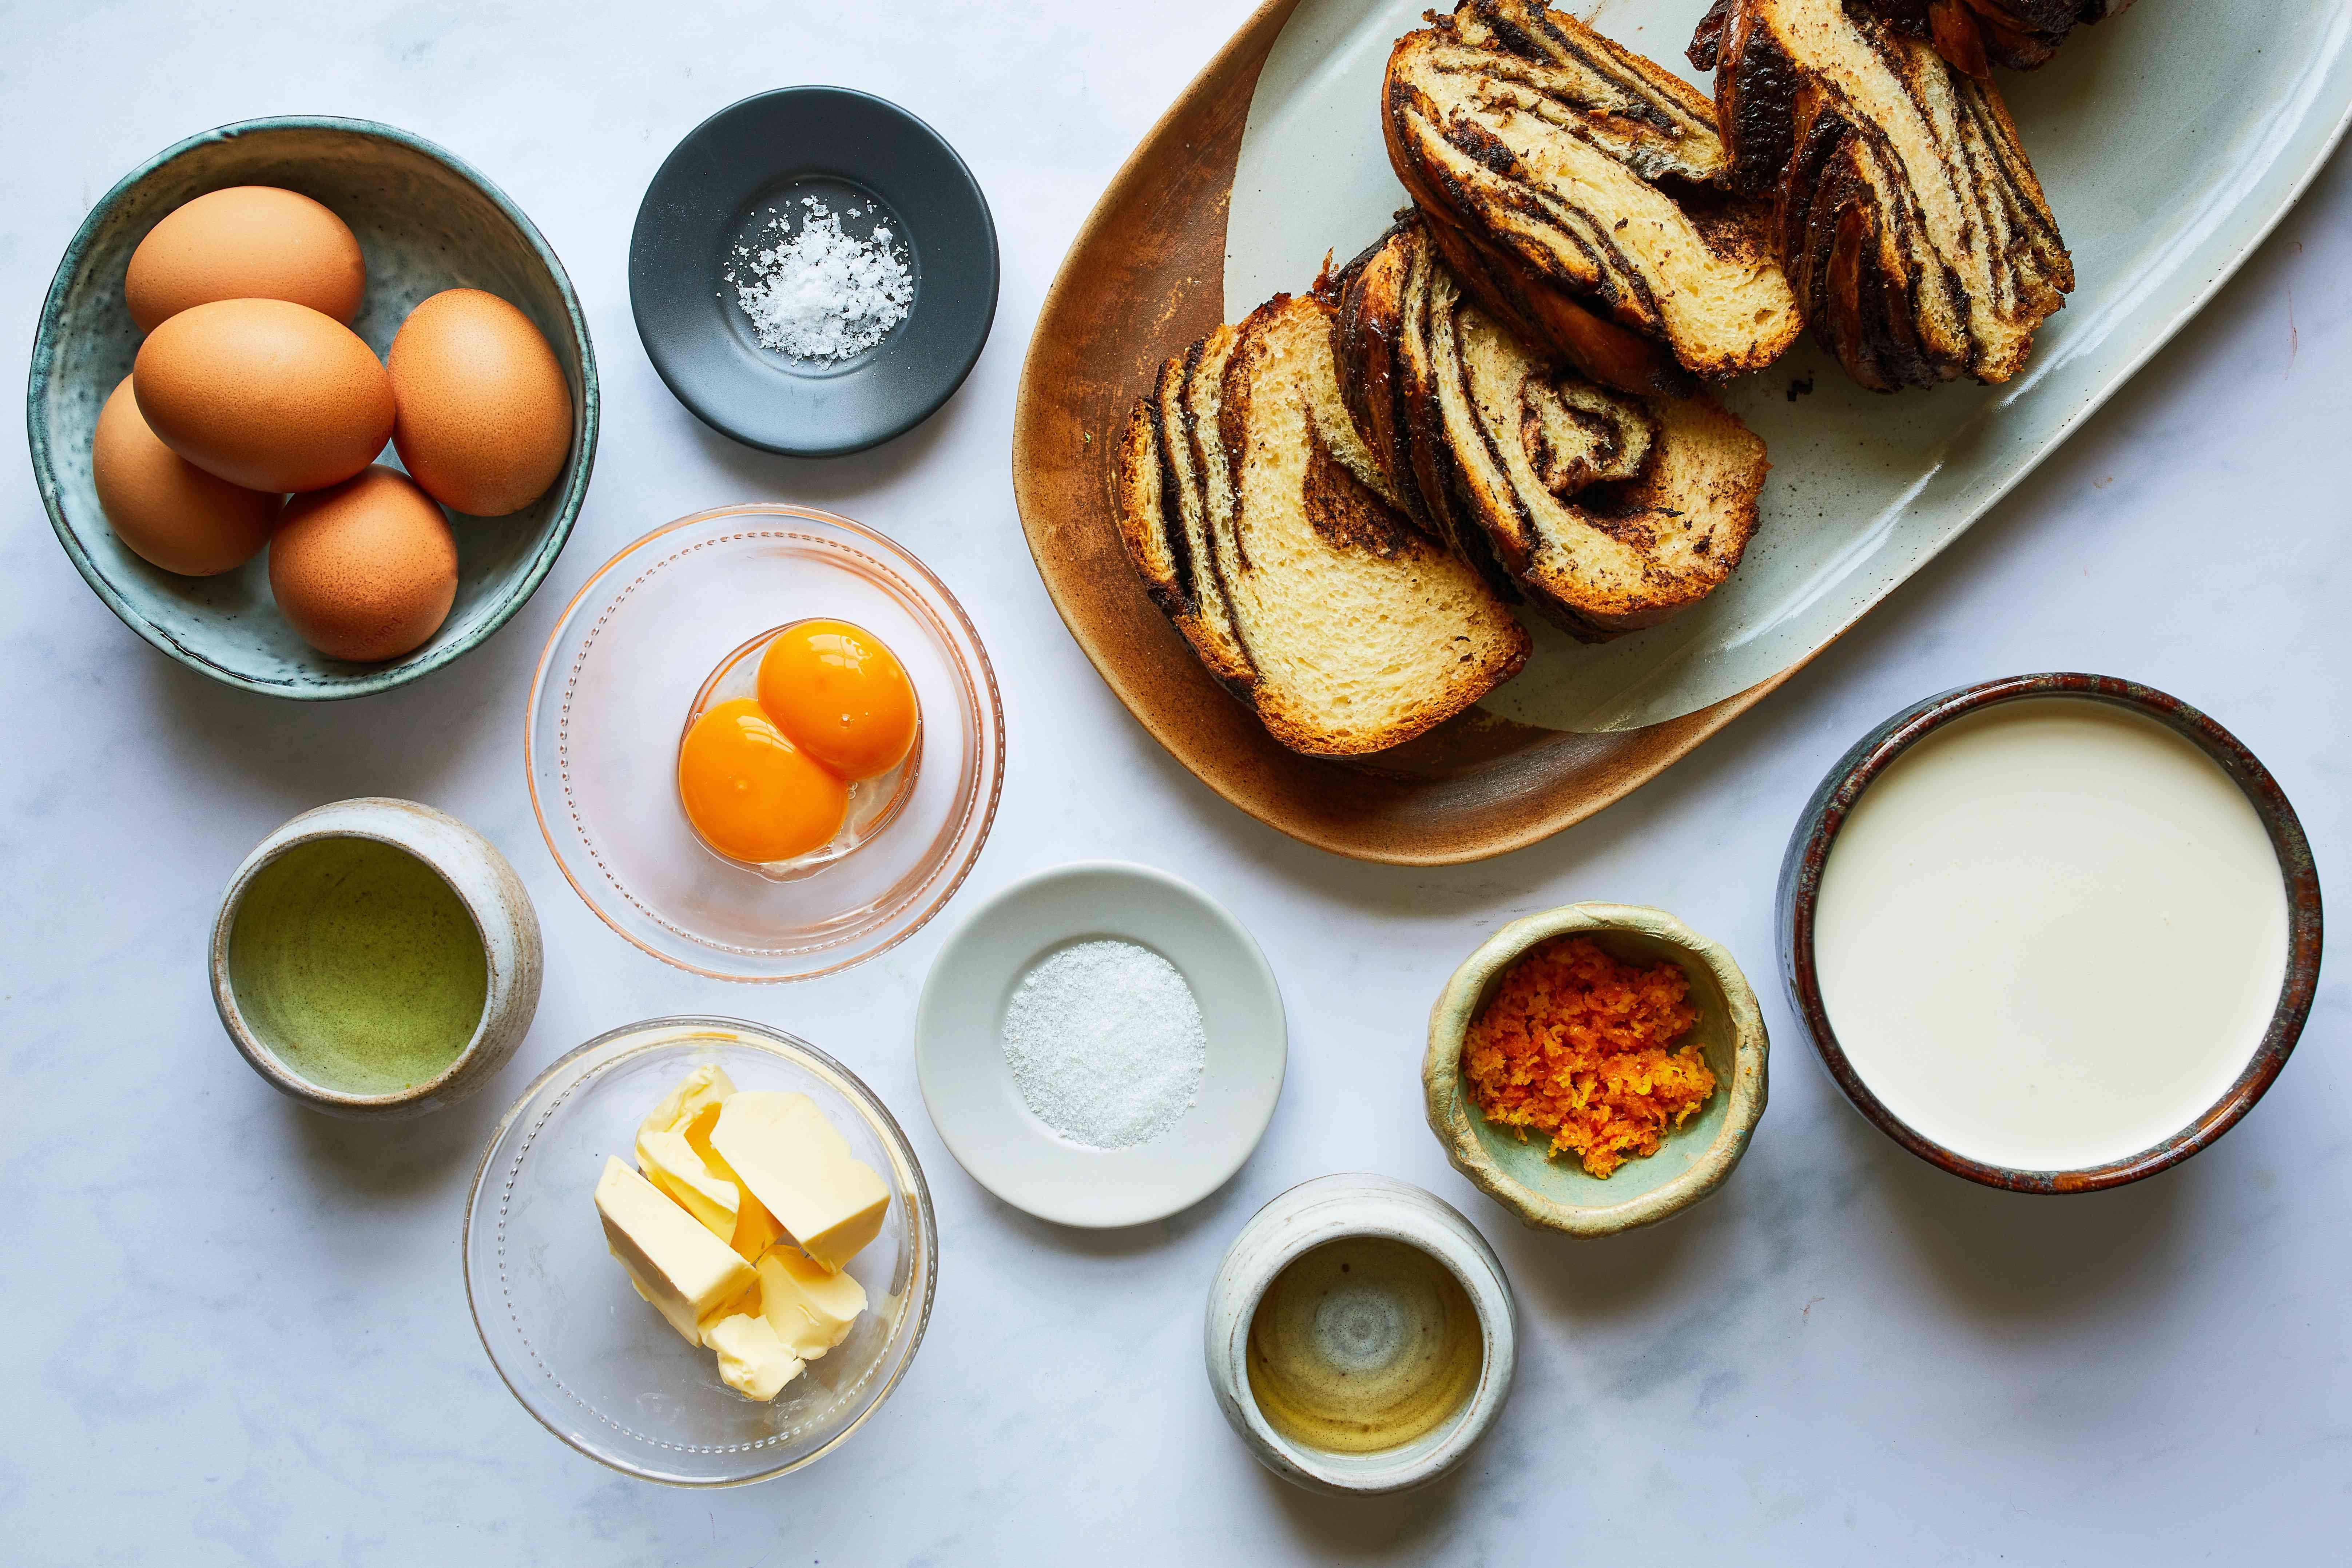 babka french toast ingredients